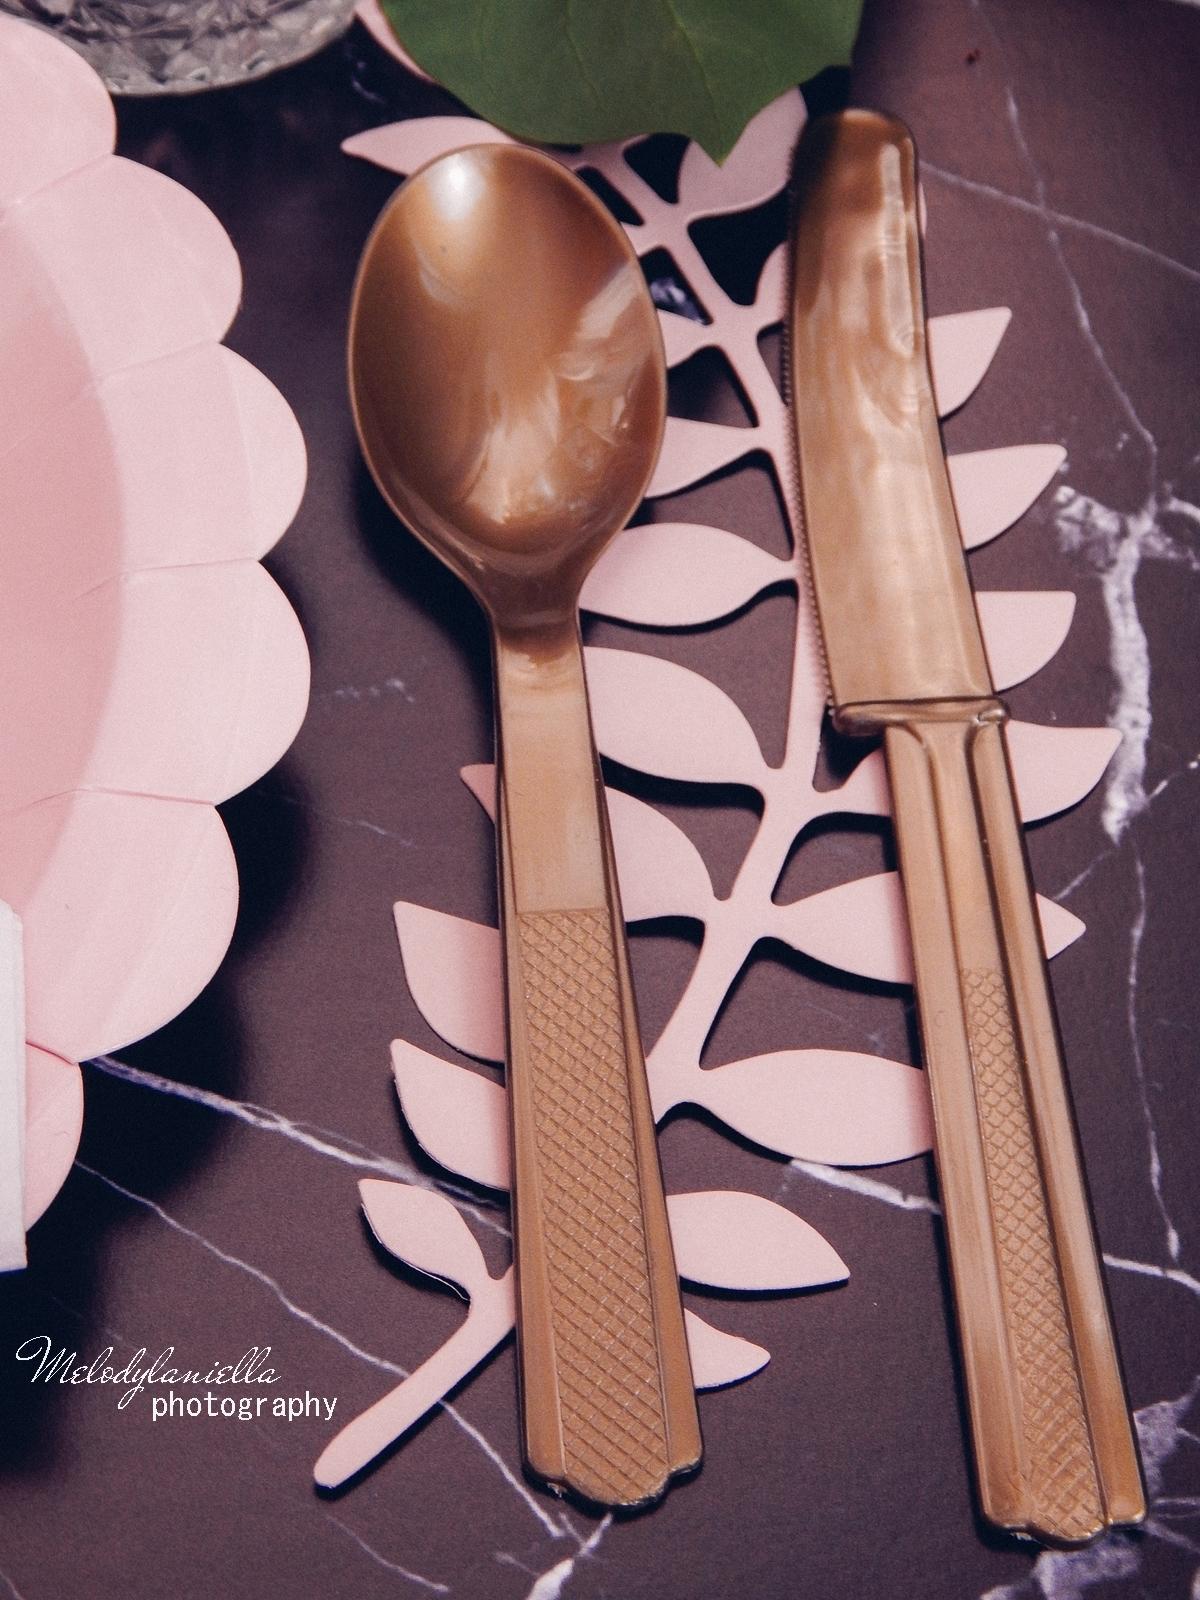 9 partybox.pl imprezu urodziny stroje dodatki na imprezę dekoracje nakrycia akcesoria imprezowe jak udekorować stół na dzień mamy pomysły na dzień matki złote widelce łyżki noże melodylaniella